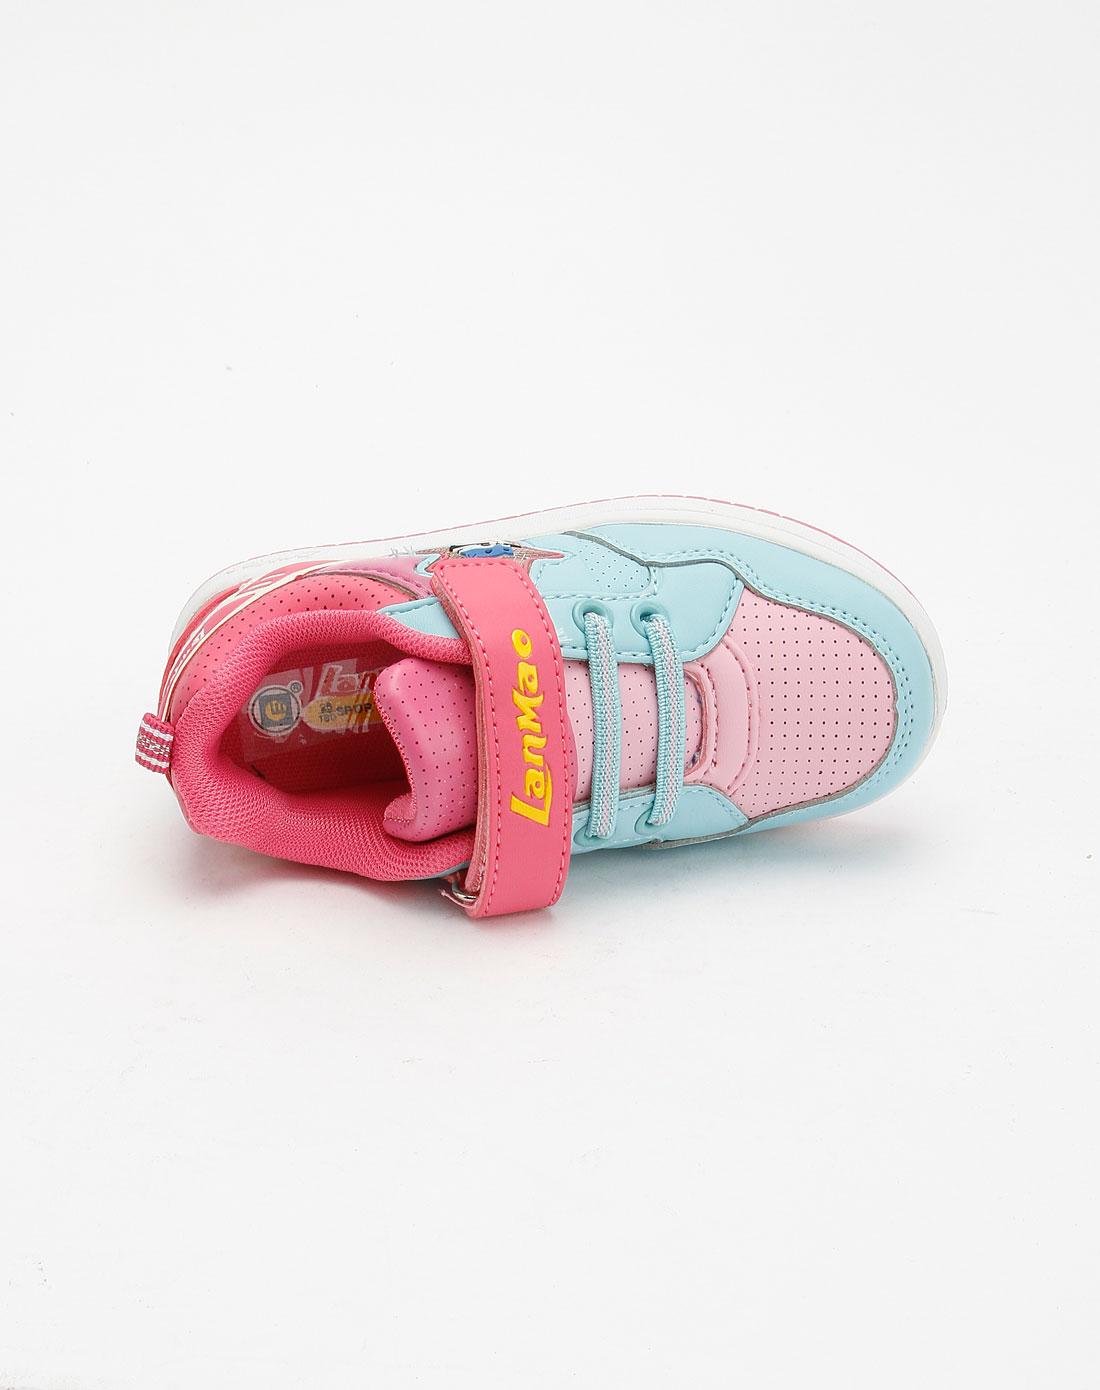 蓝猫lanmao男女童鞋女童玫红/粉蓝色时尚休闲鞋